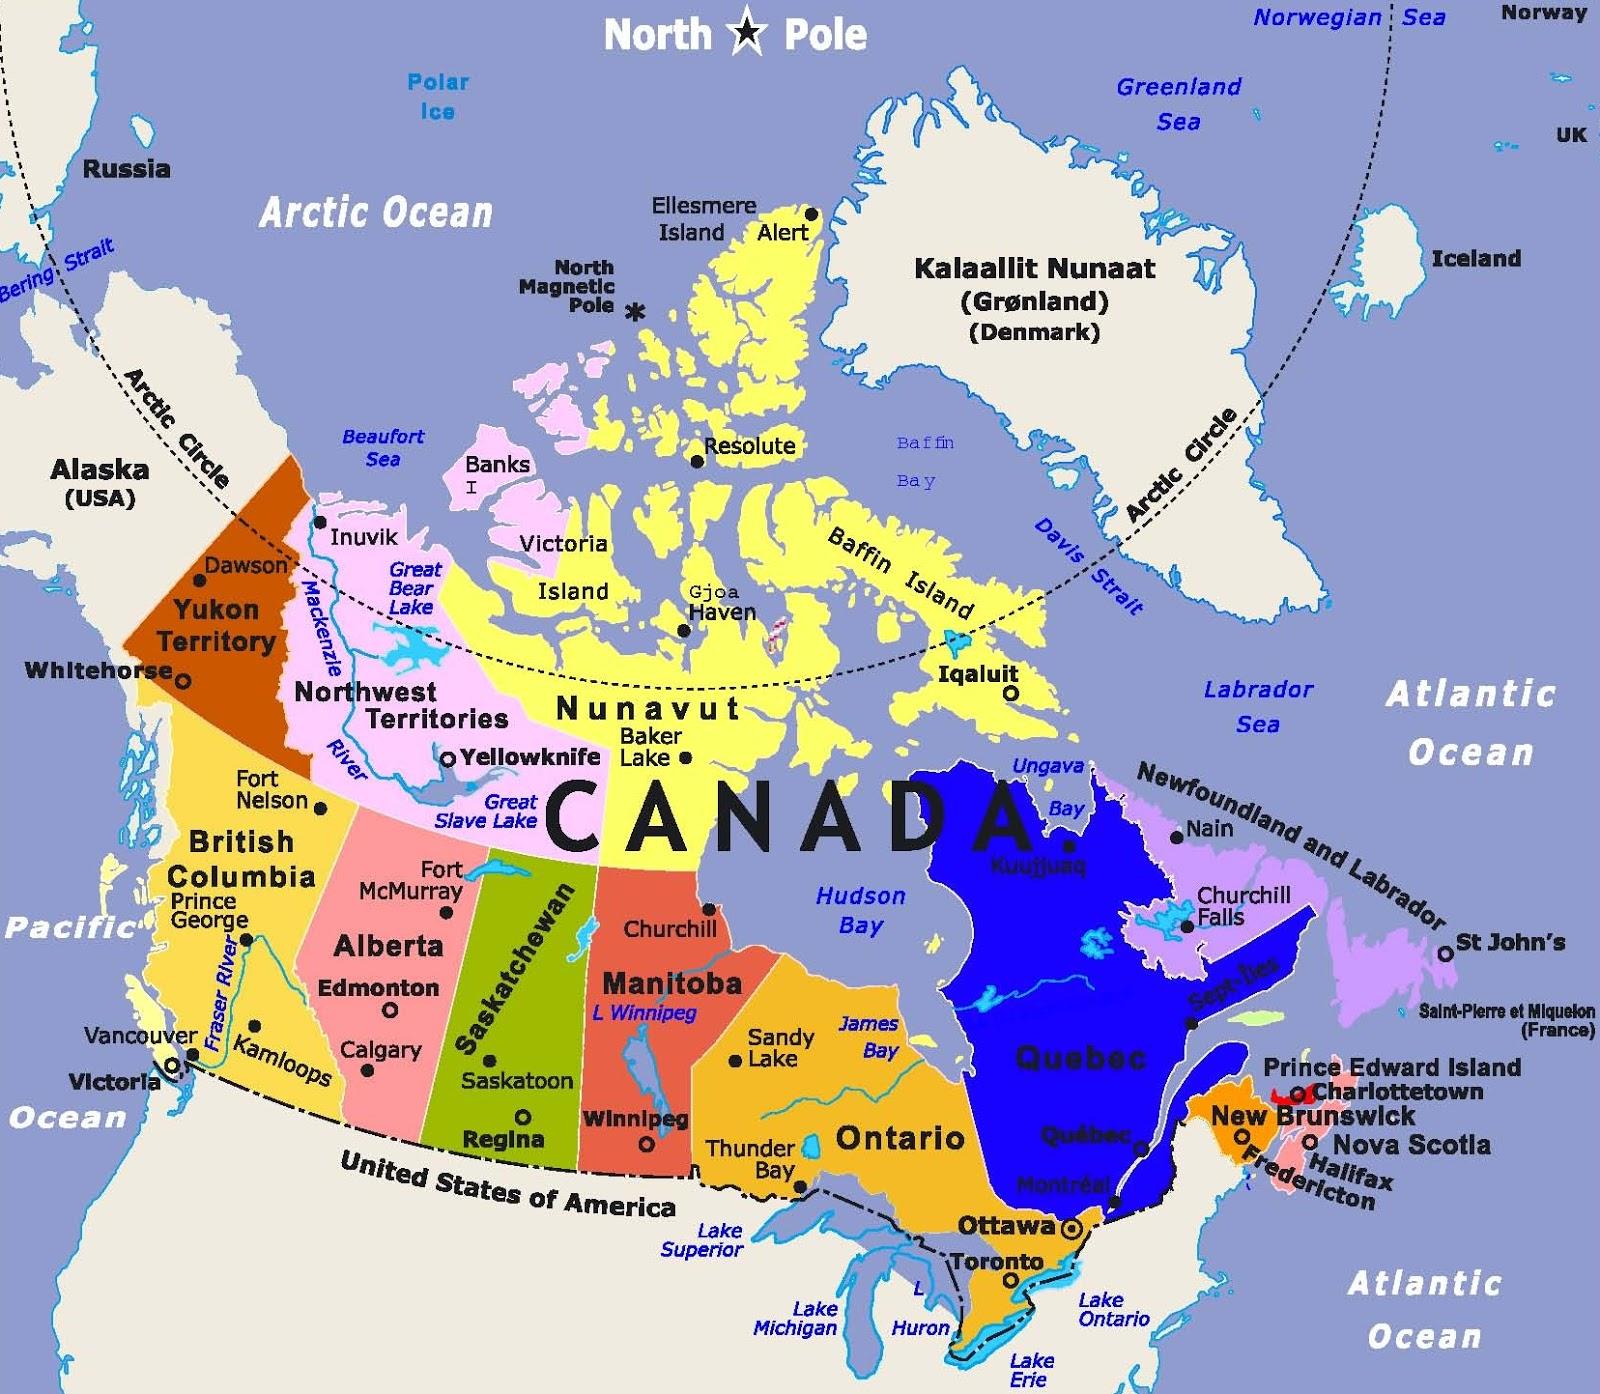 معلومات عن نظام الحكم في كندا وخريطتها المرسال